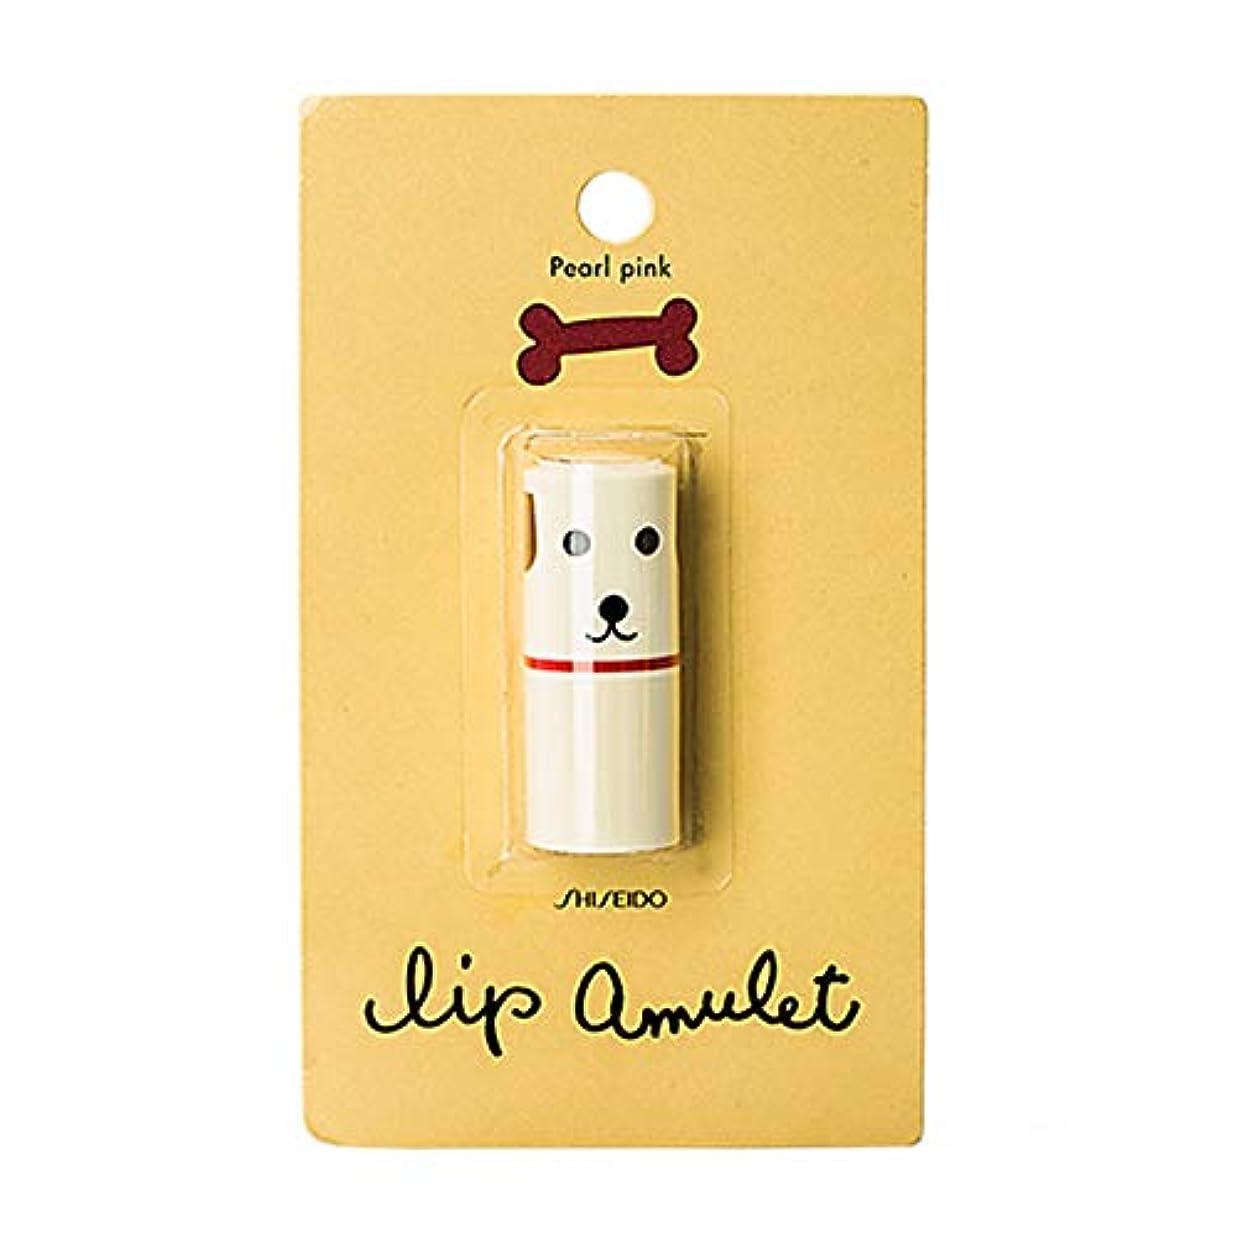 アコード昆虫を見る酒【台湾限定】資生堂 Shiseido リップアミュレット Lip Amulet お土産 コスメ 色つきリップ 単品 珍珠粉紅 (パールピンク) [並行輸入品]